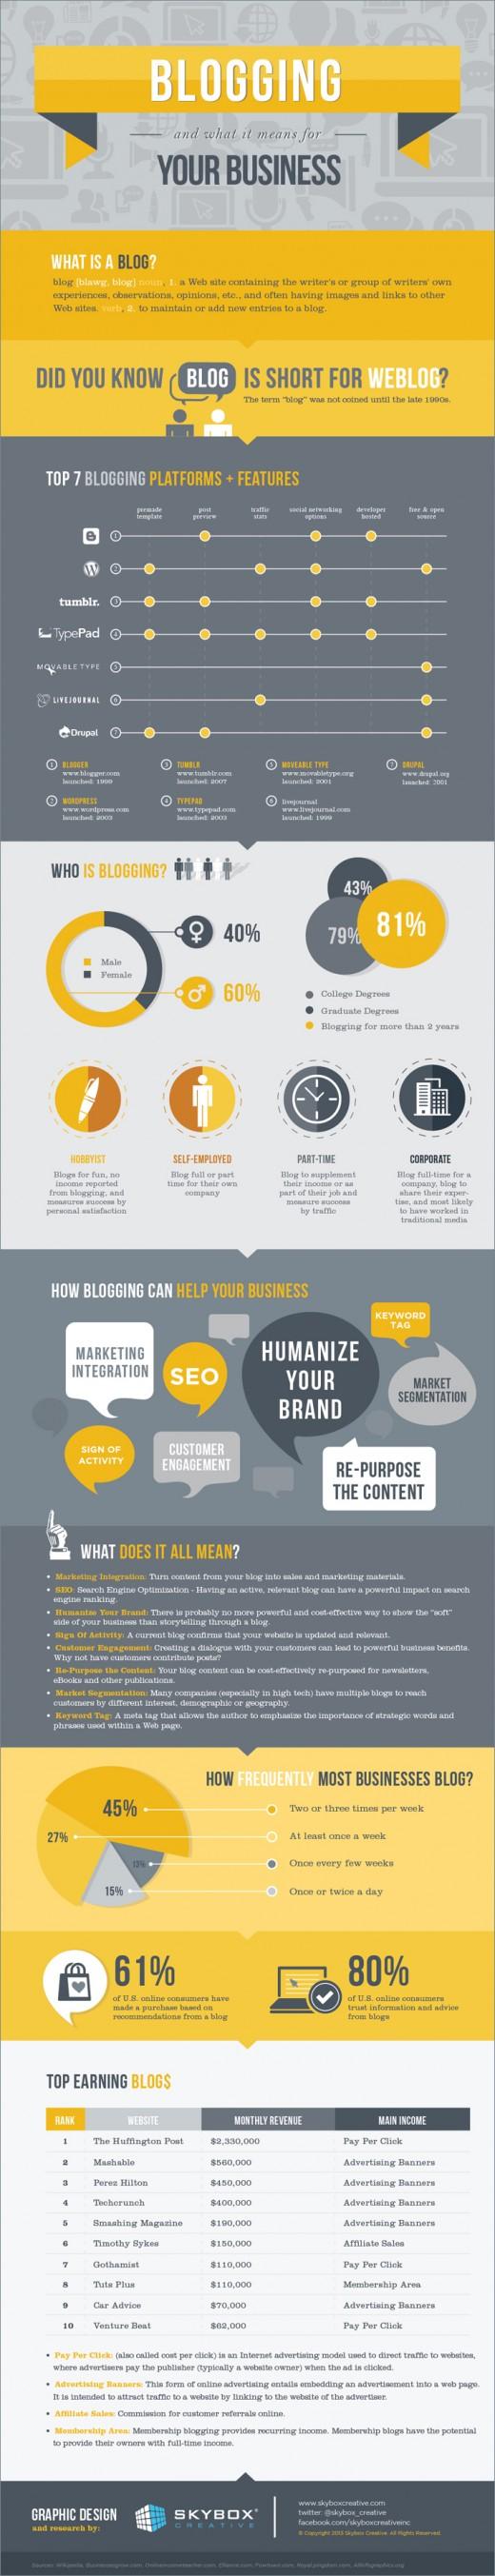 Was ein Blog für Ihre Firma bedeutet! [Infografik]